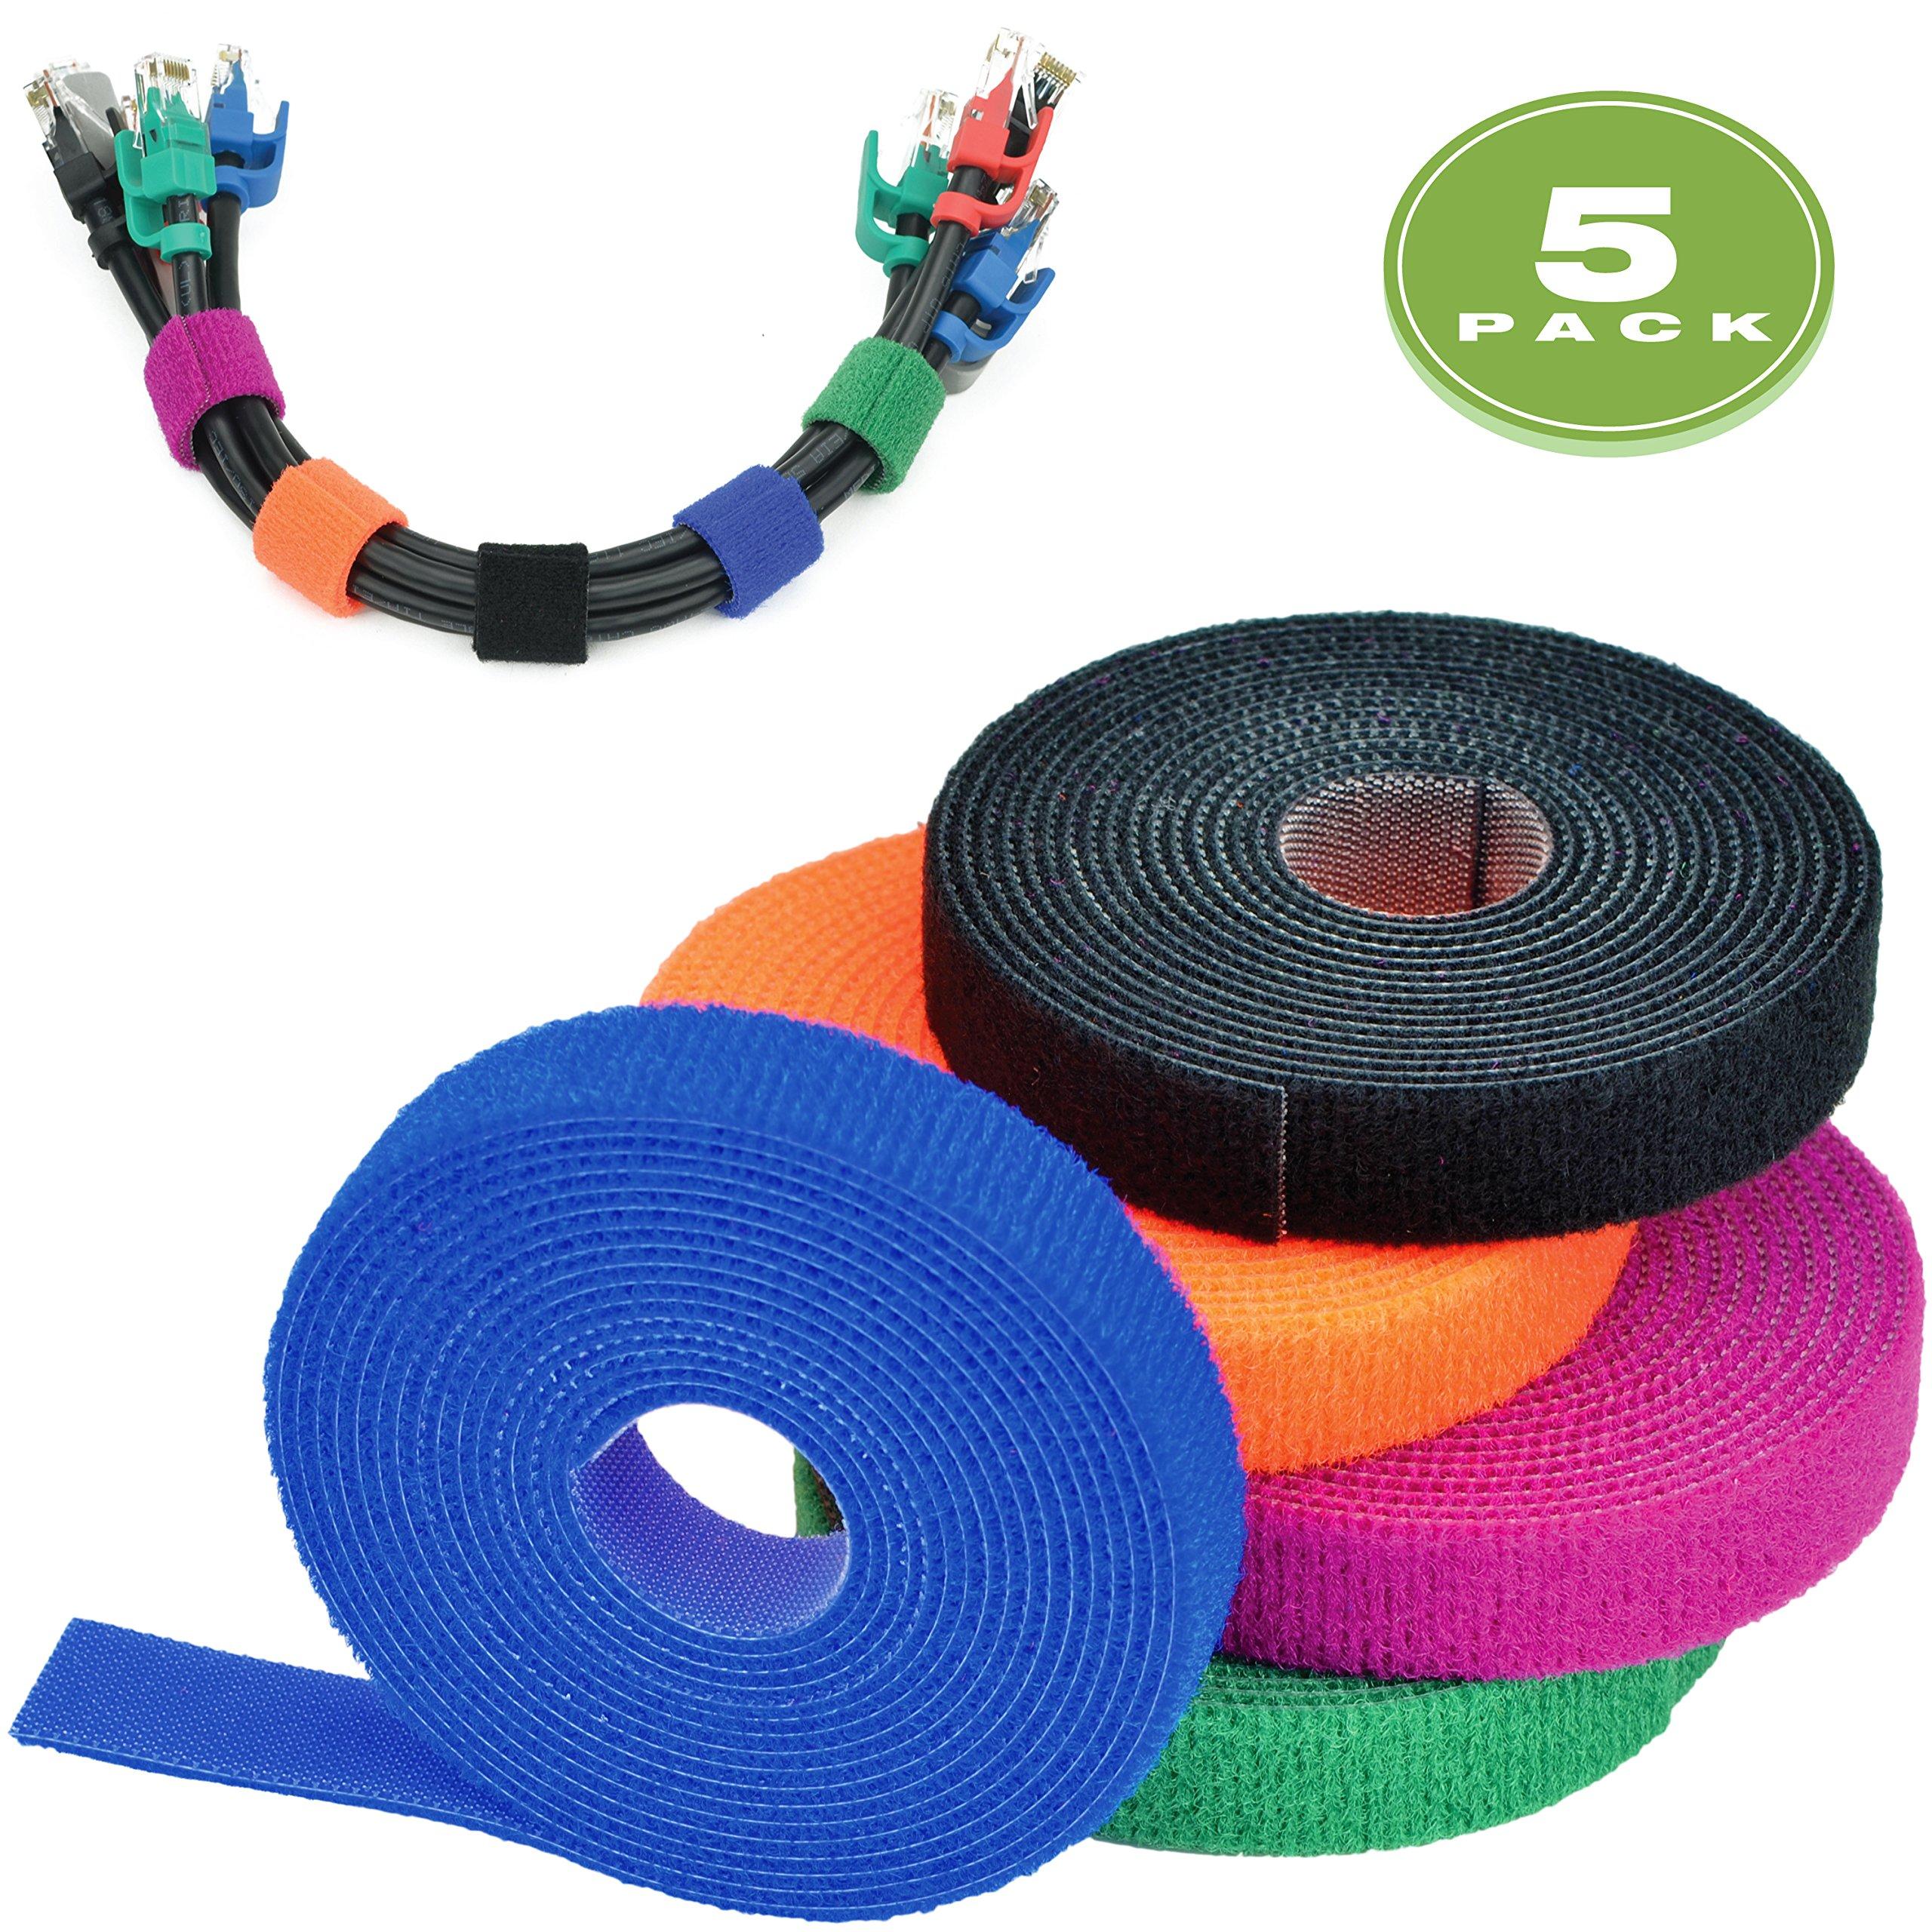 Mediabridge Cable Management Straps Multicolor 5-Pack (8 Feet) - 20MM Width - Adustable & Reusable (Part# CM5-20-08X5M )